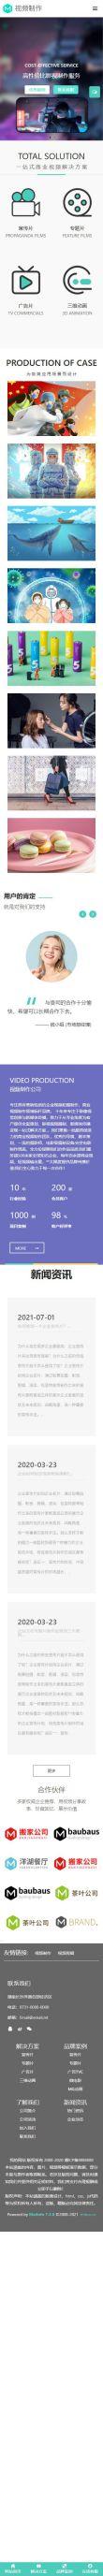 视频制作公司网站模板,视频制作公司网页模板,视频制作公司响应式网站模板